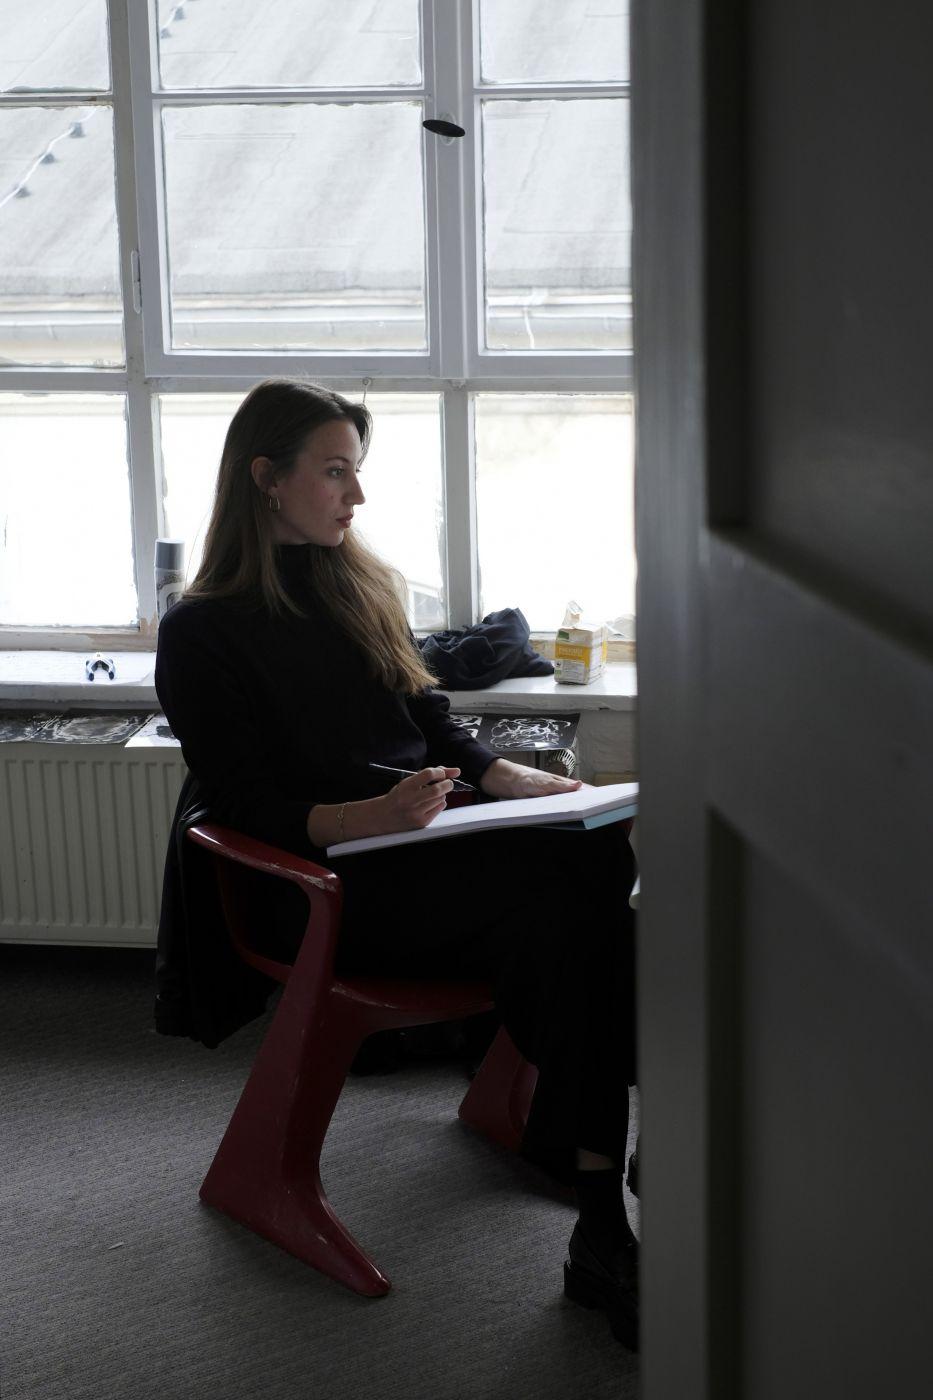 Entstehung einer Künstlerischen Tatsache − Arts & Science Residency Jena